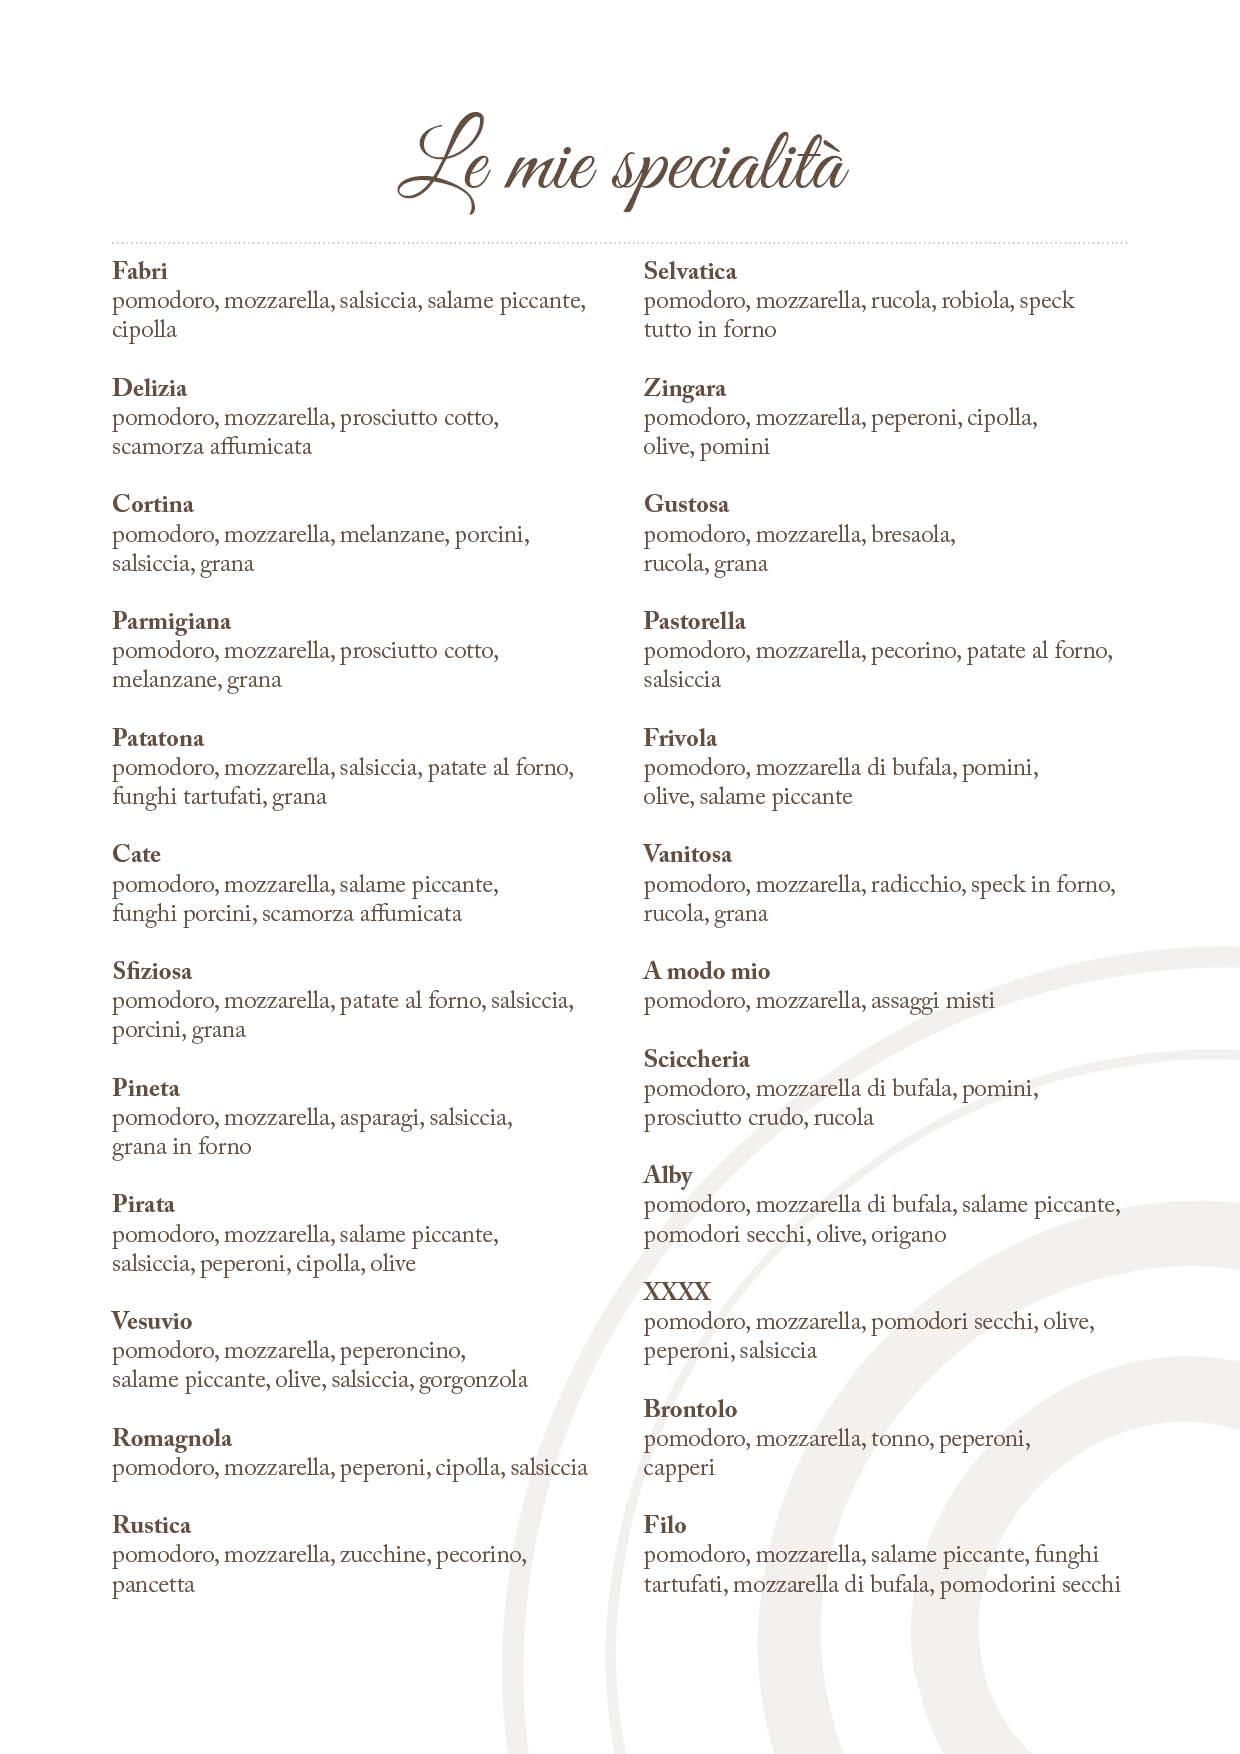 letradizioni-nick-menu-2017-low13